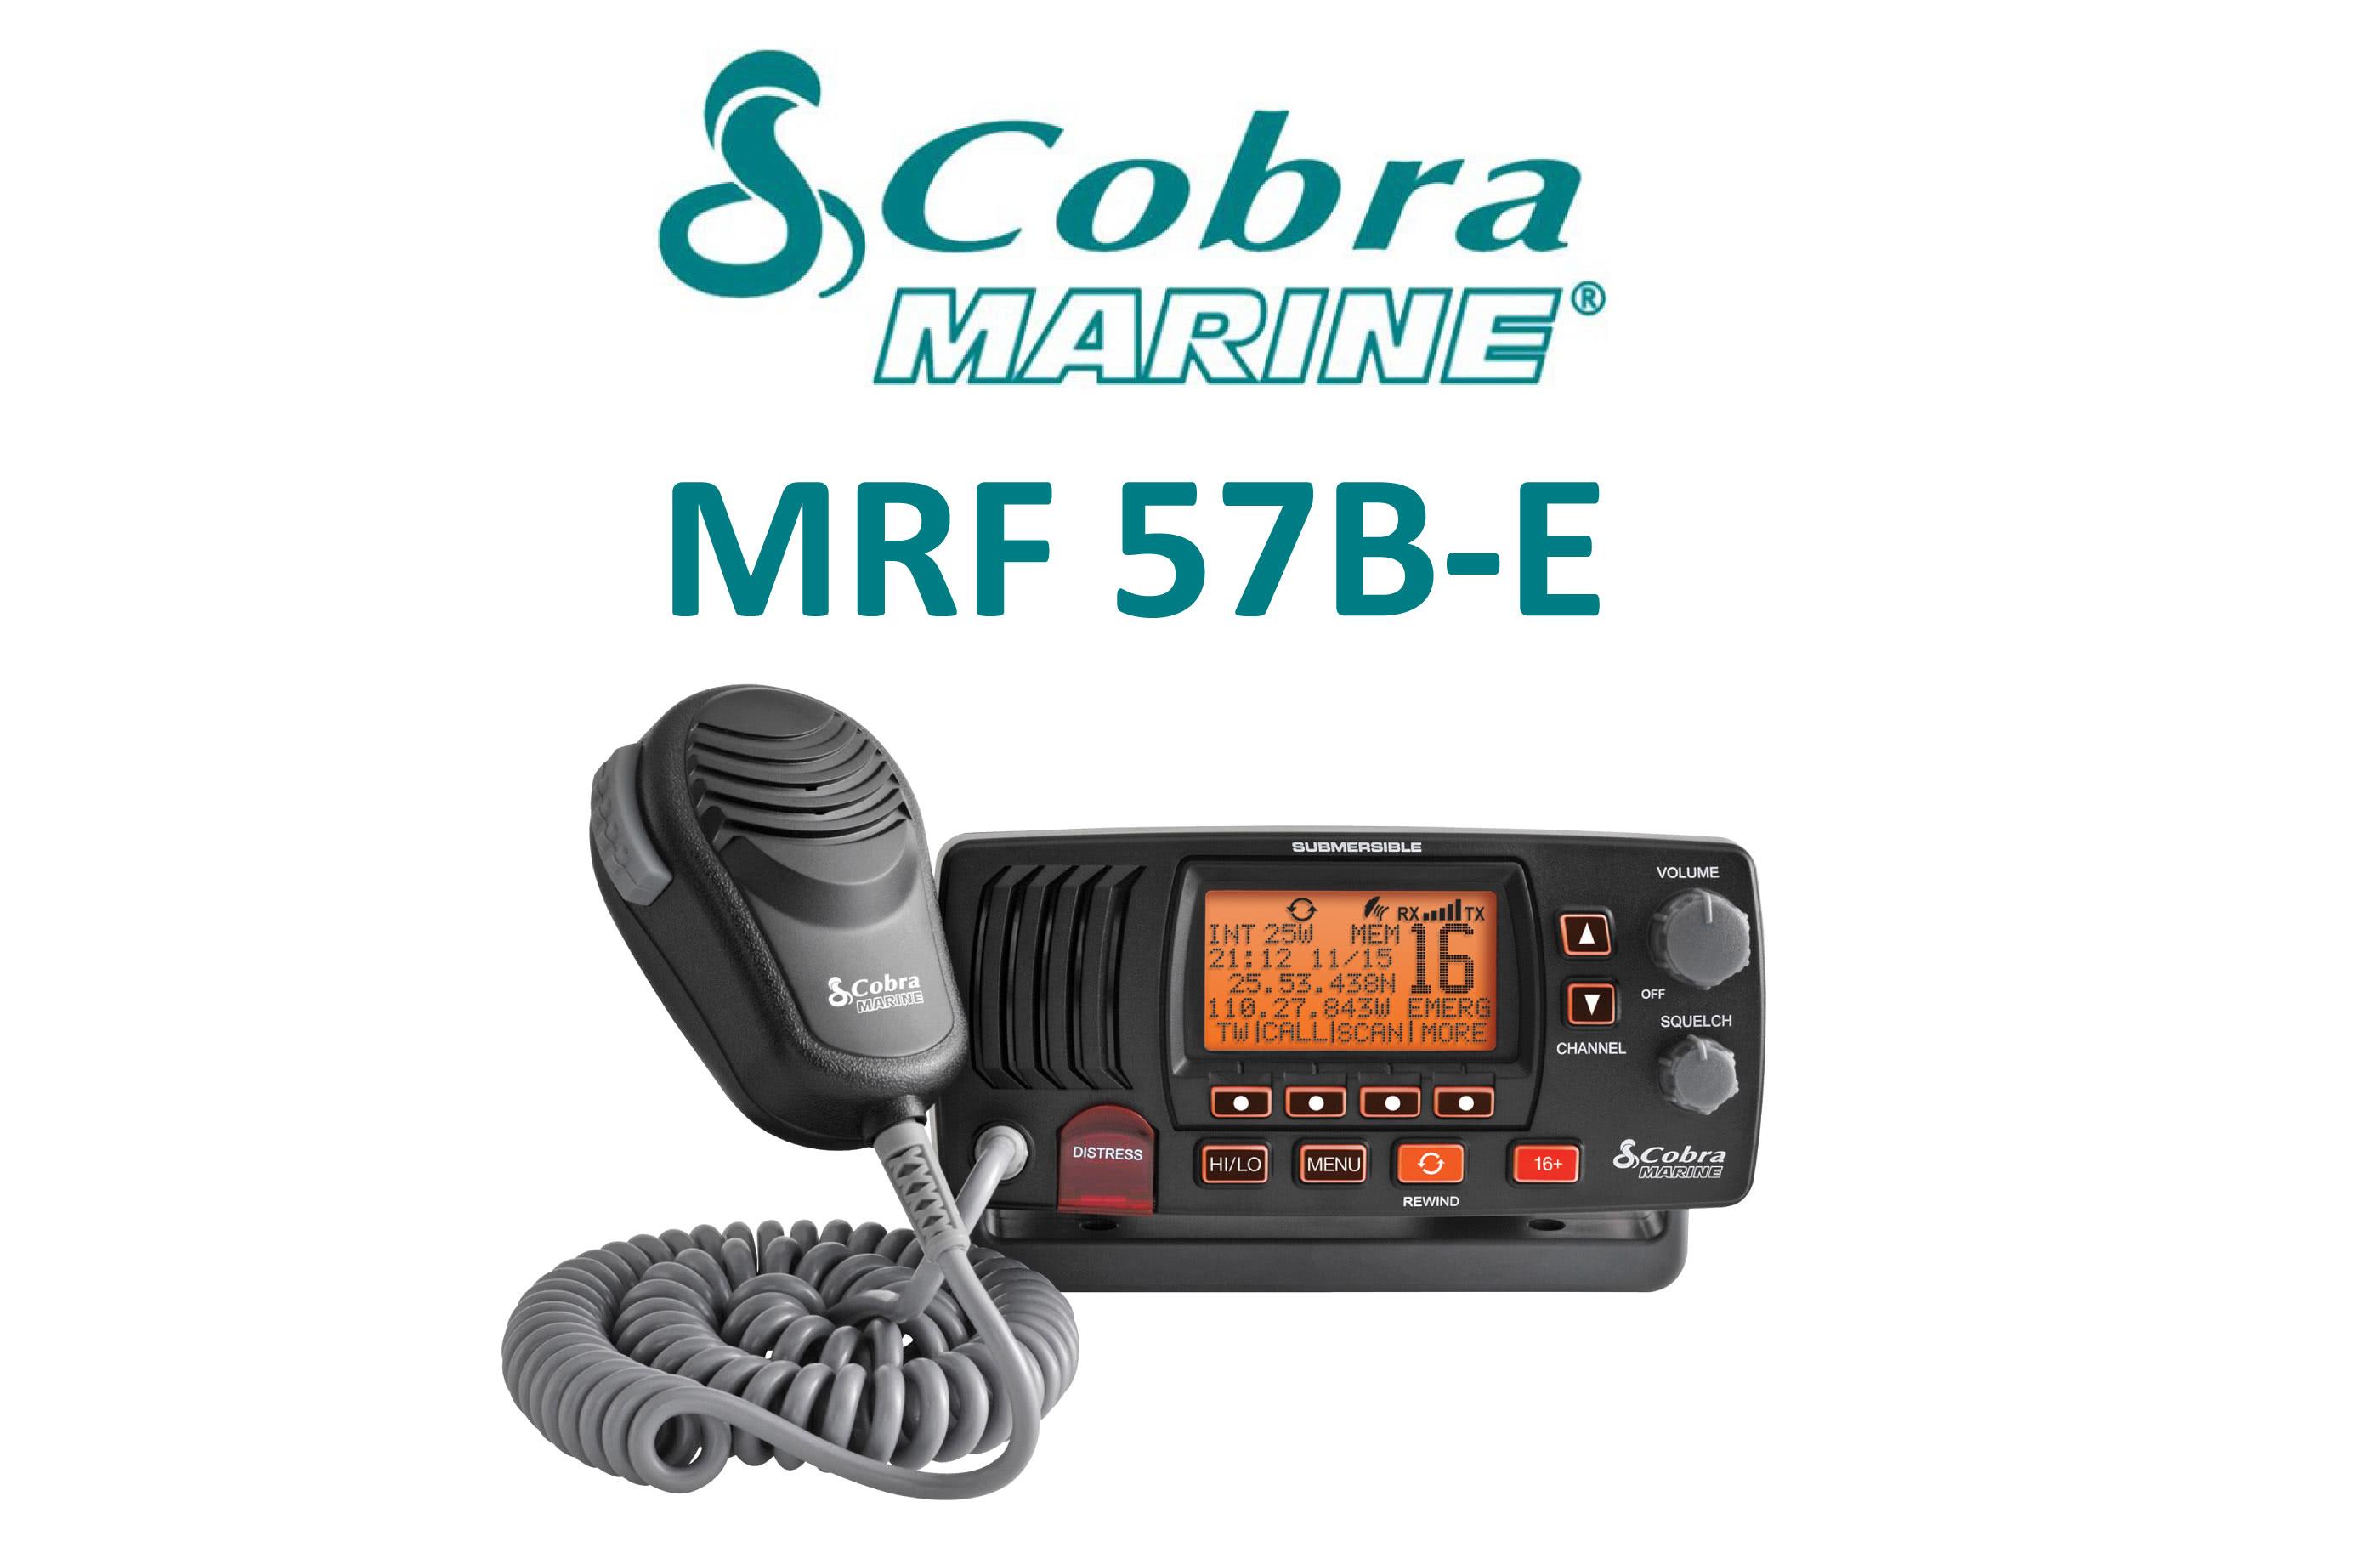 Cobra MRF 57B-E